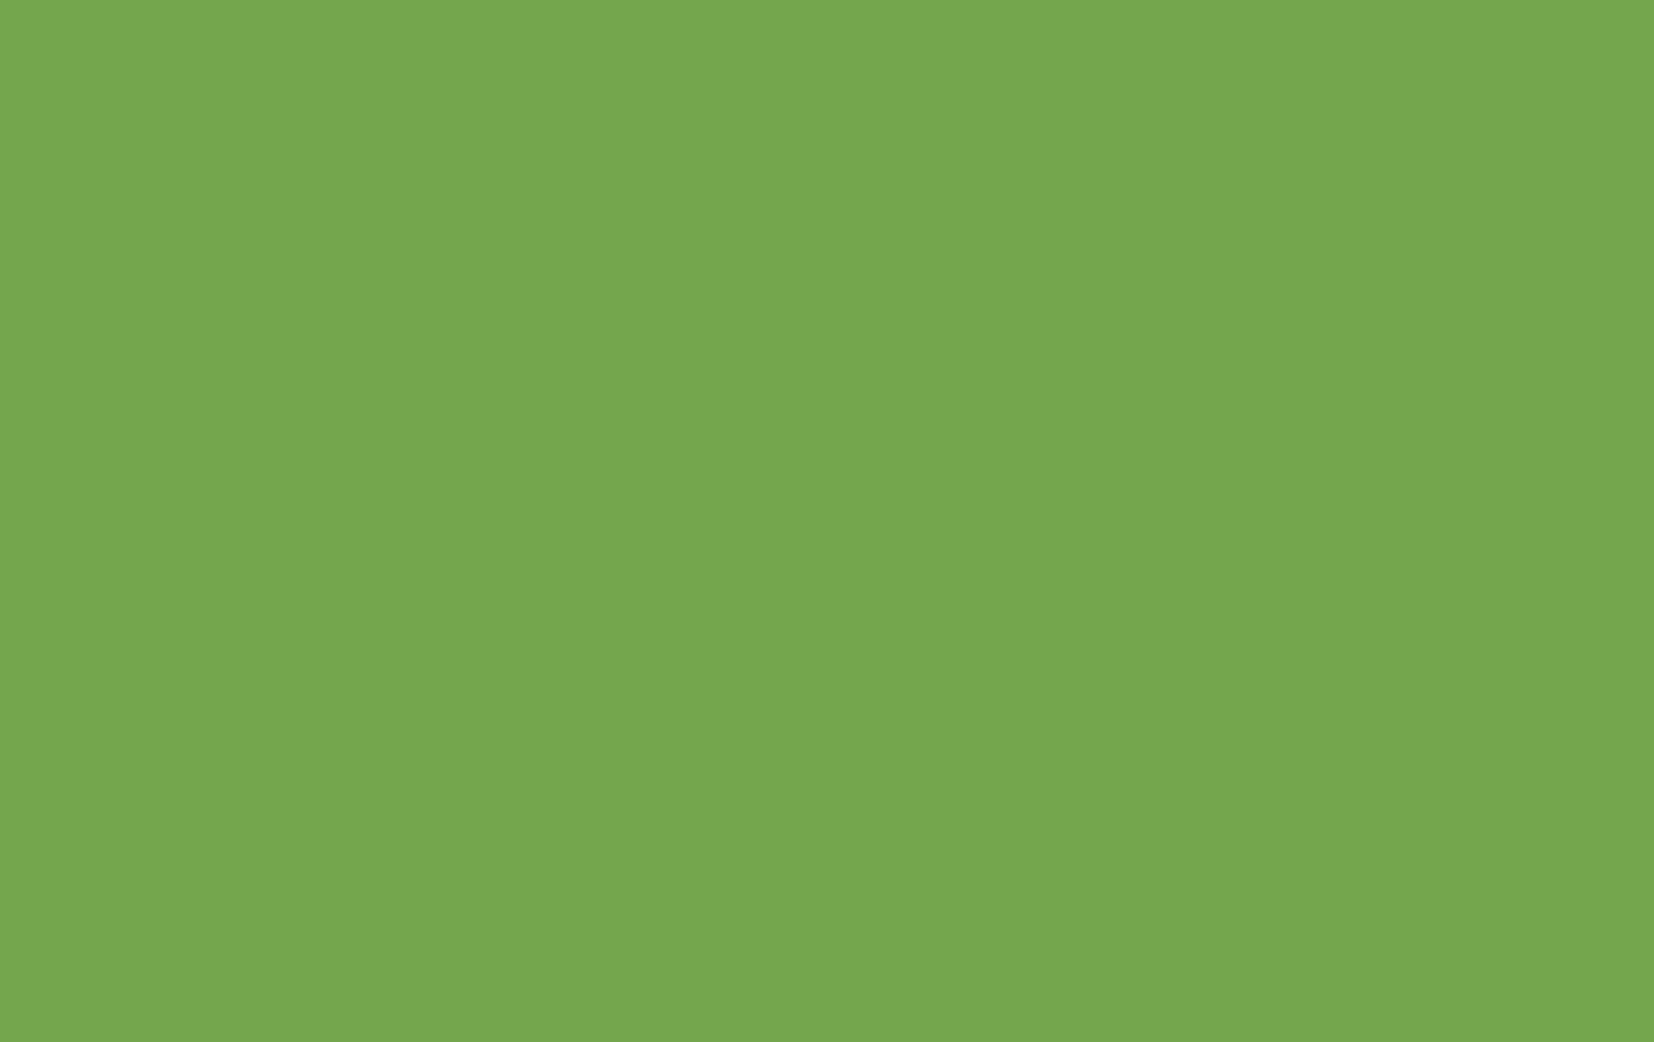 Cheapest Blinds Uk Ltd Bright Green Roller Blind